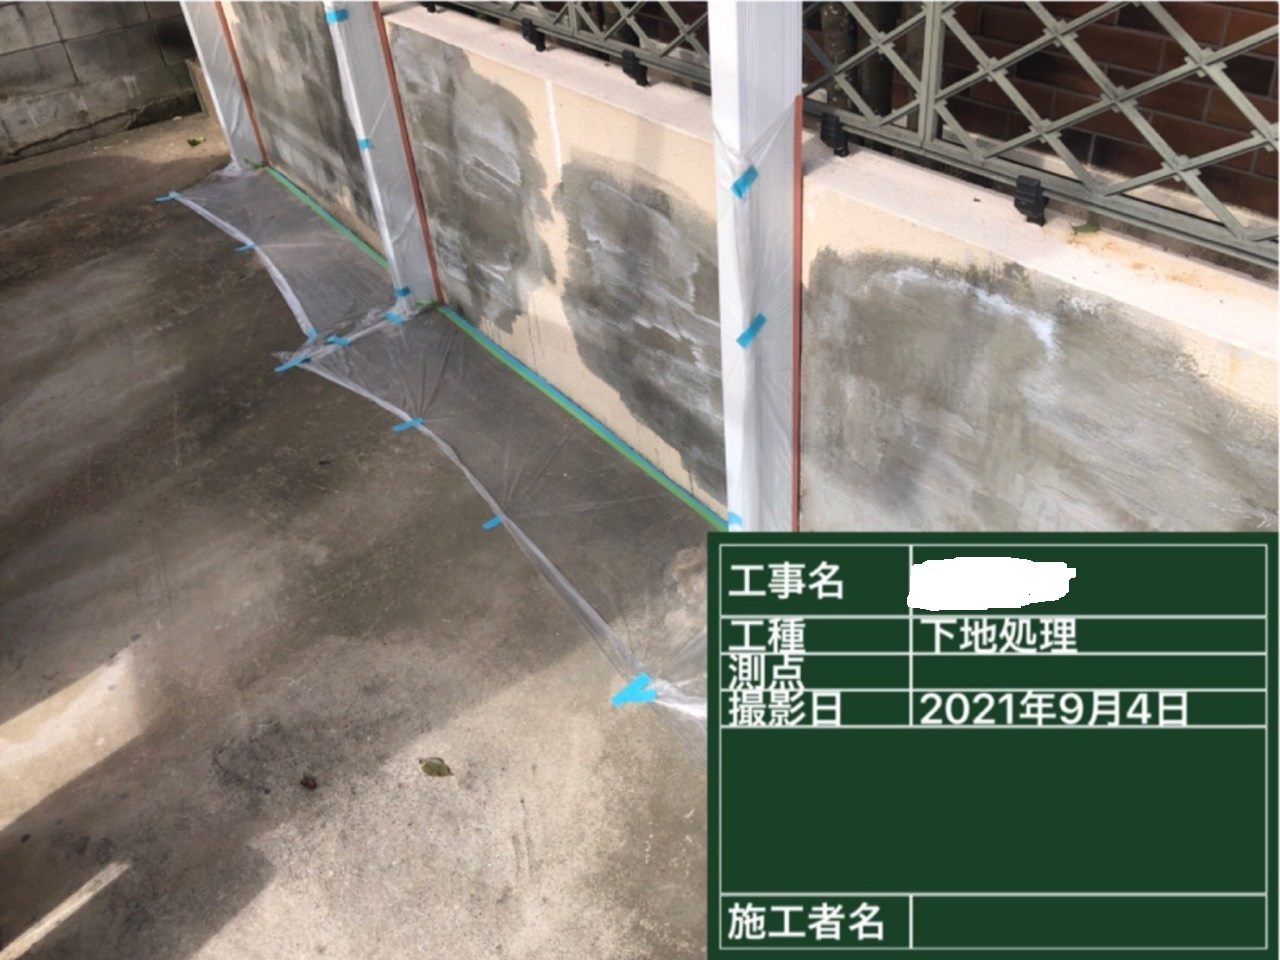 塗膜の剥がれた擁壁をセメントで補修した様子